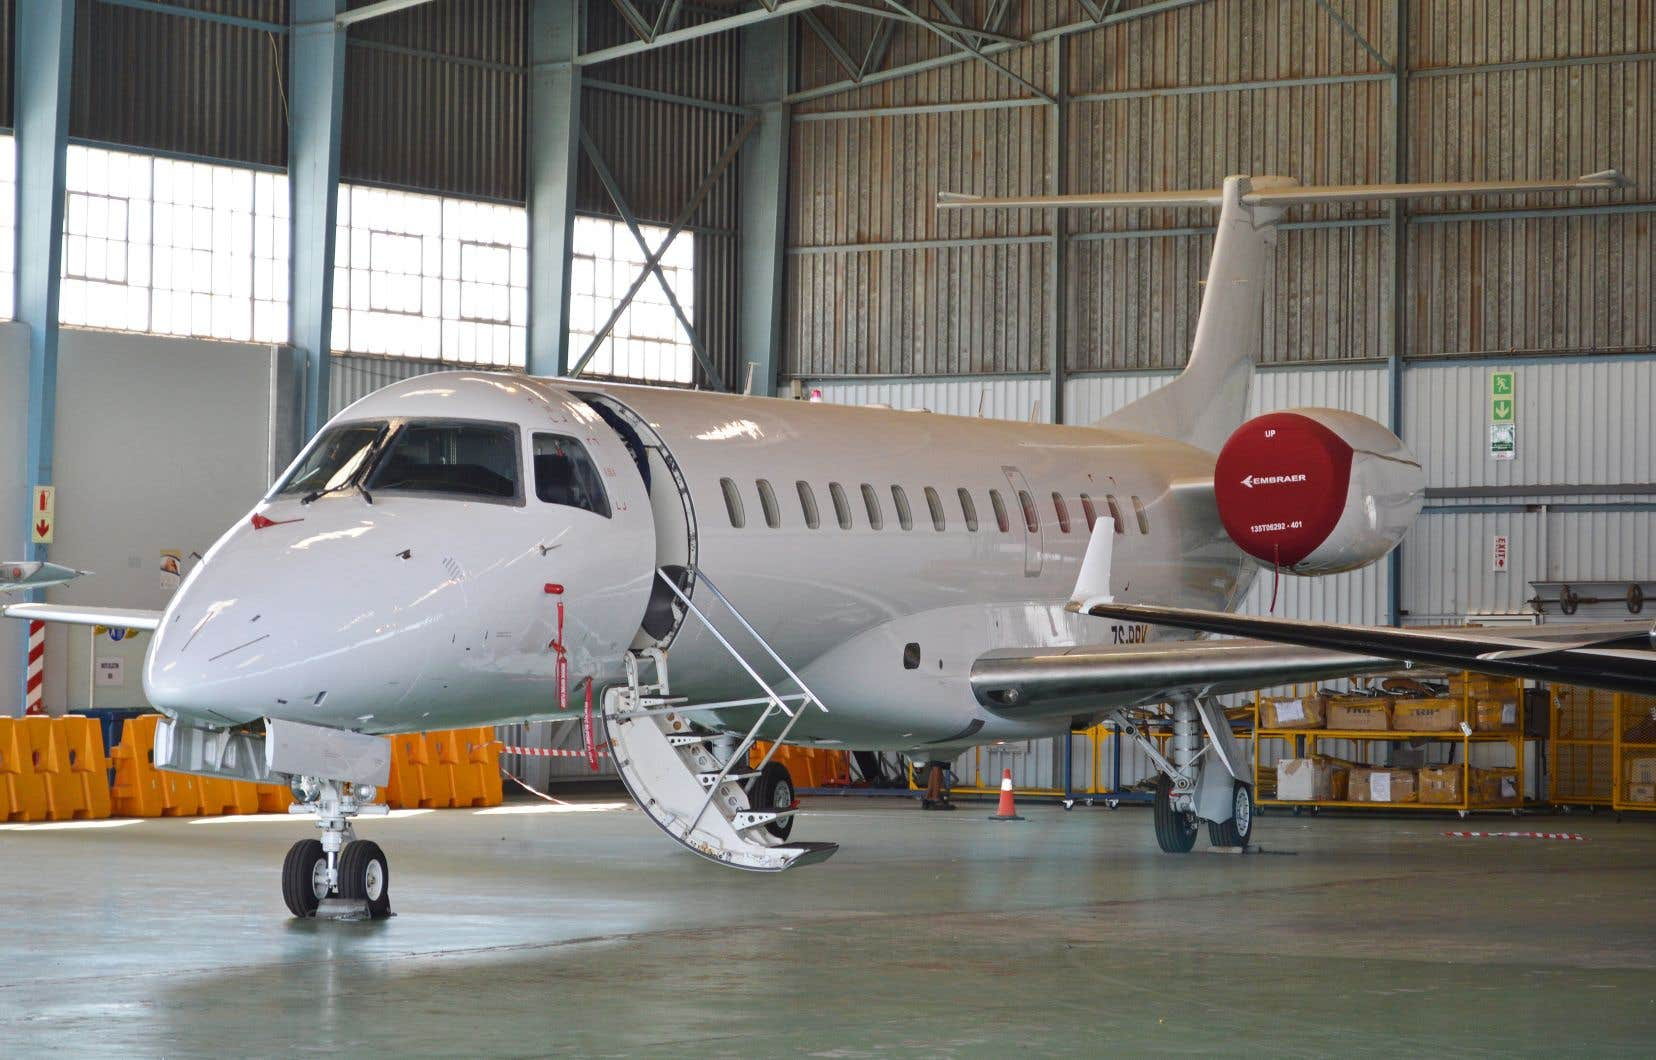 Embraer est un des joyaux industriels du Brésil avec non seulement une gamme d'avions civils et militaires, mais encore de jets d'affaires.